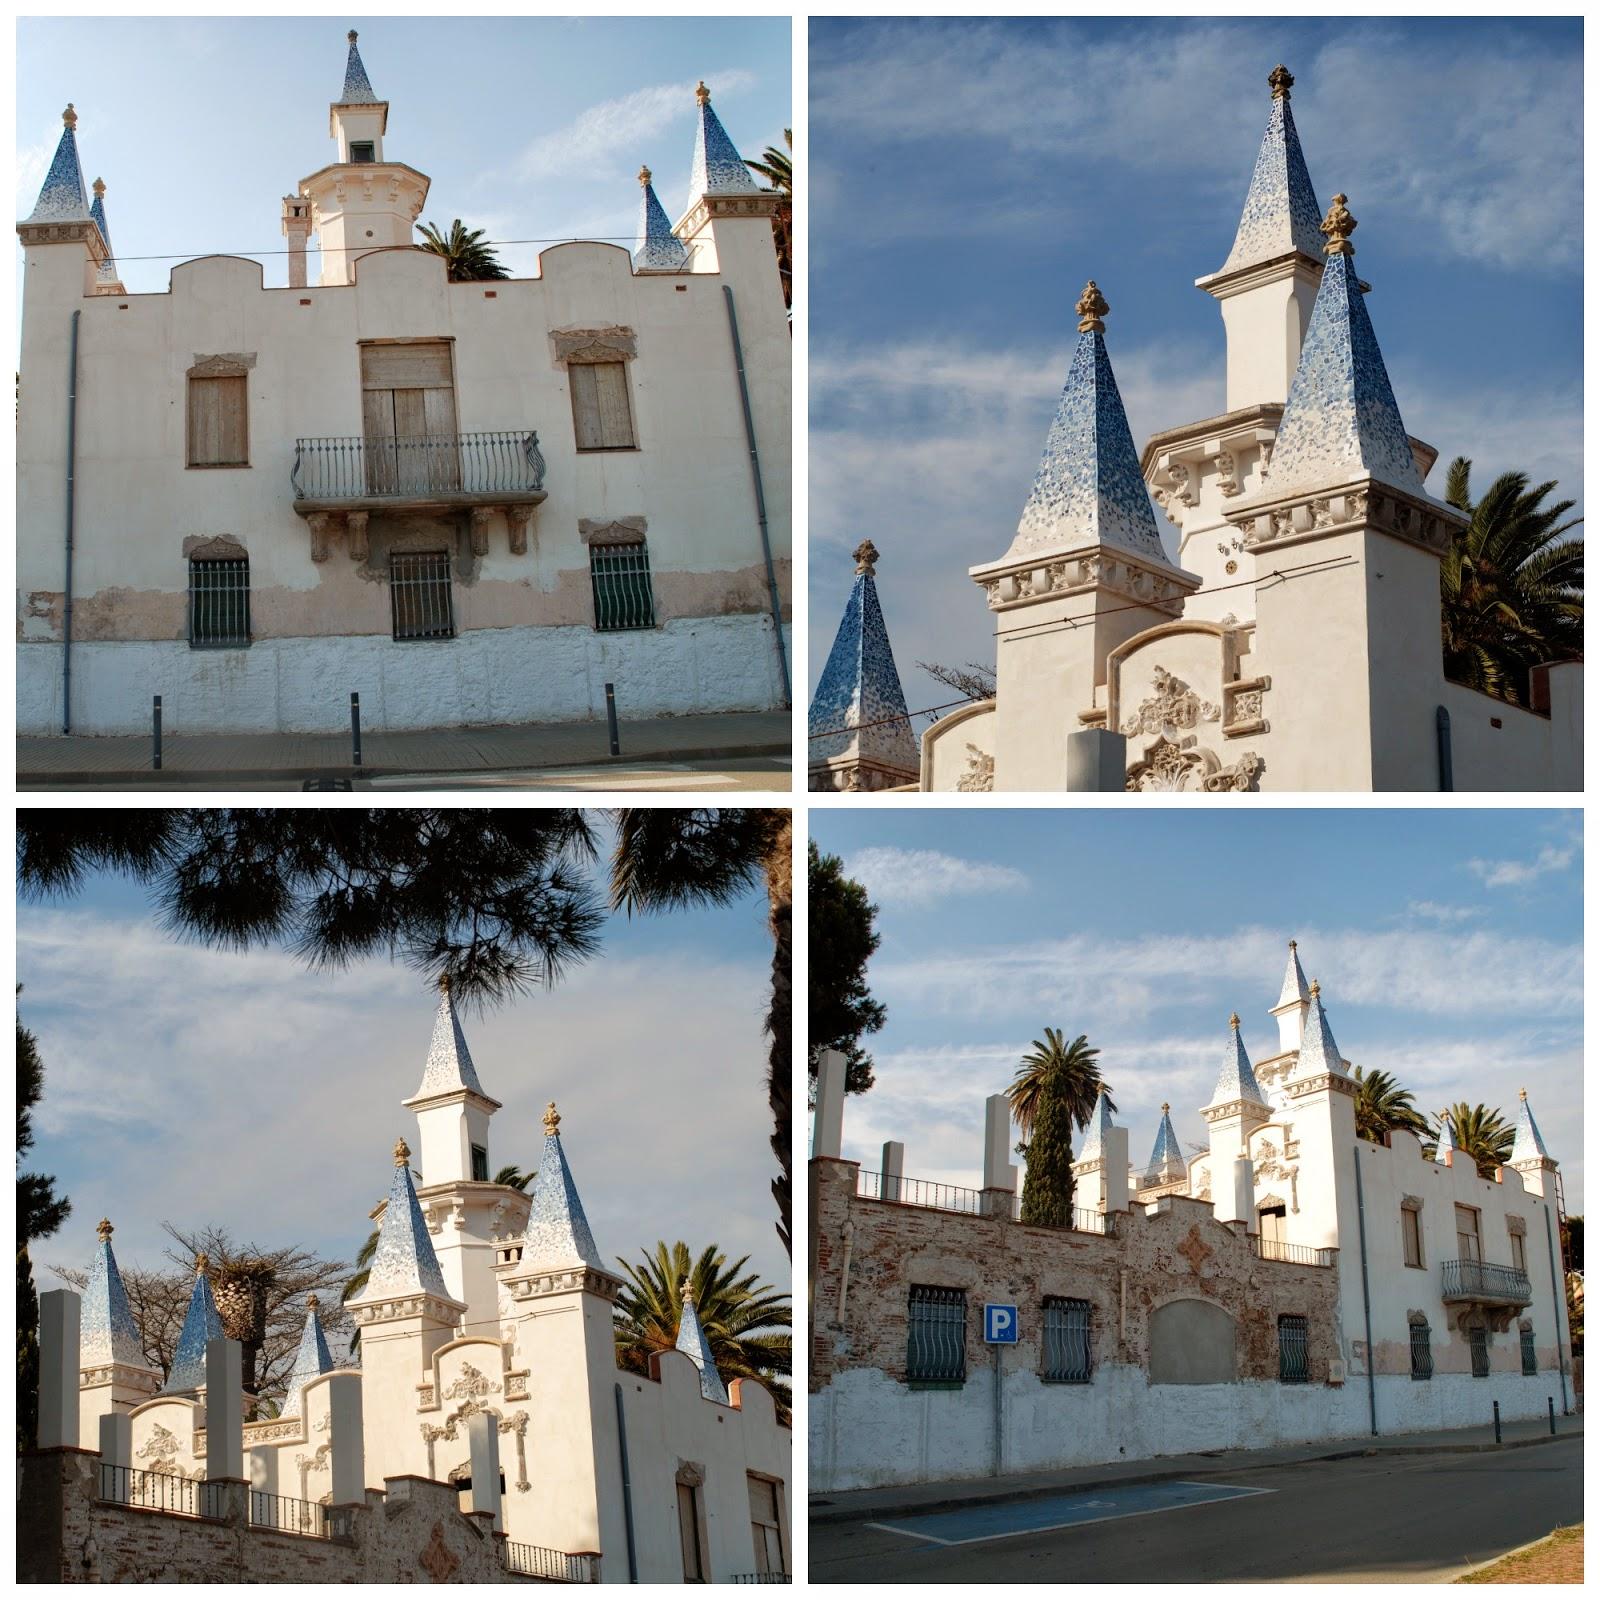 S'Agaro ... the pueblo down the road ...